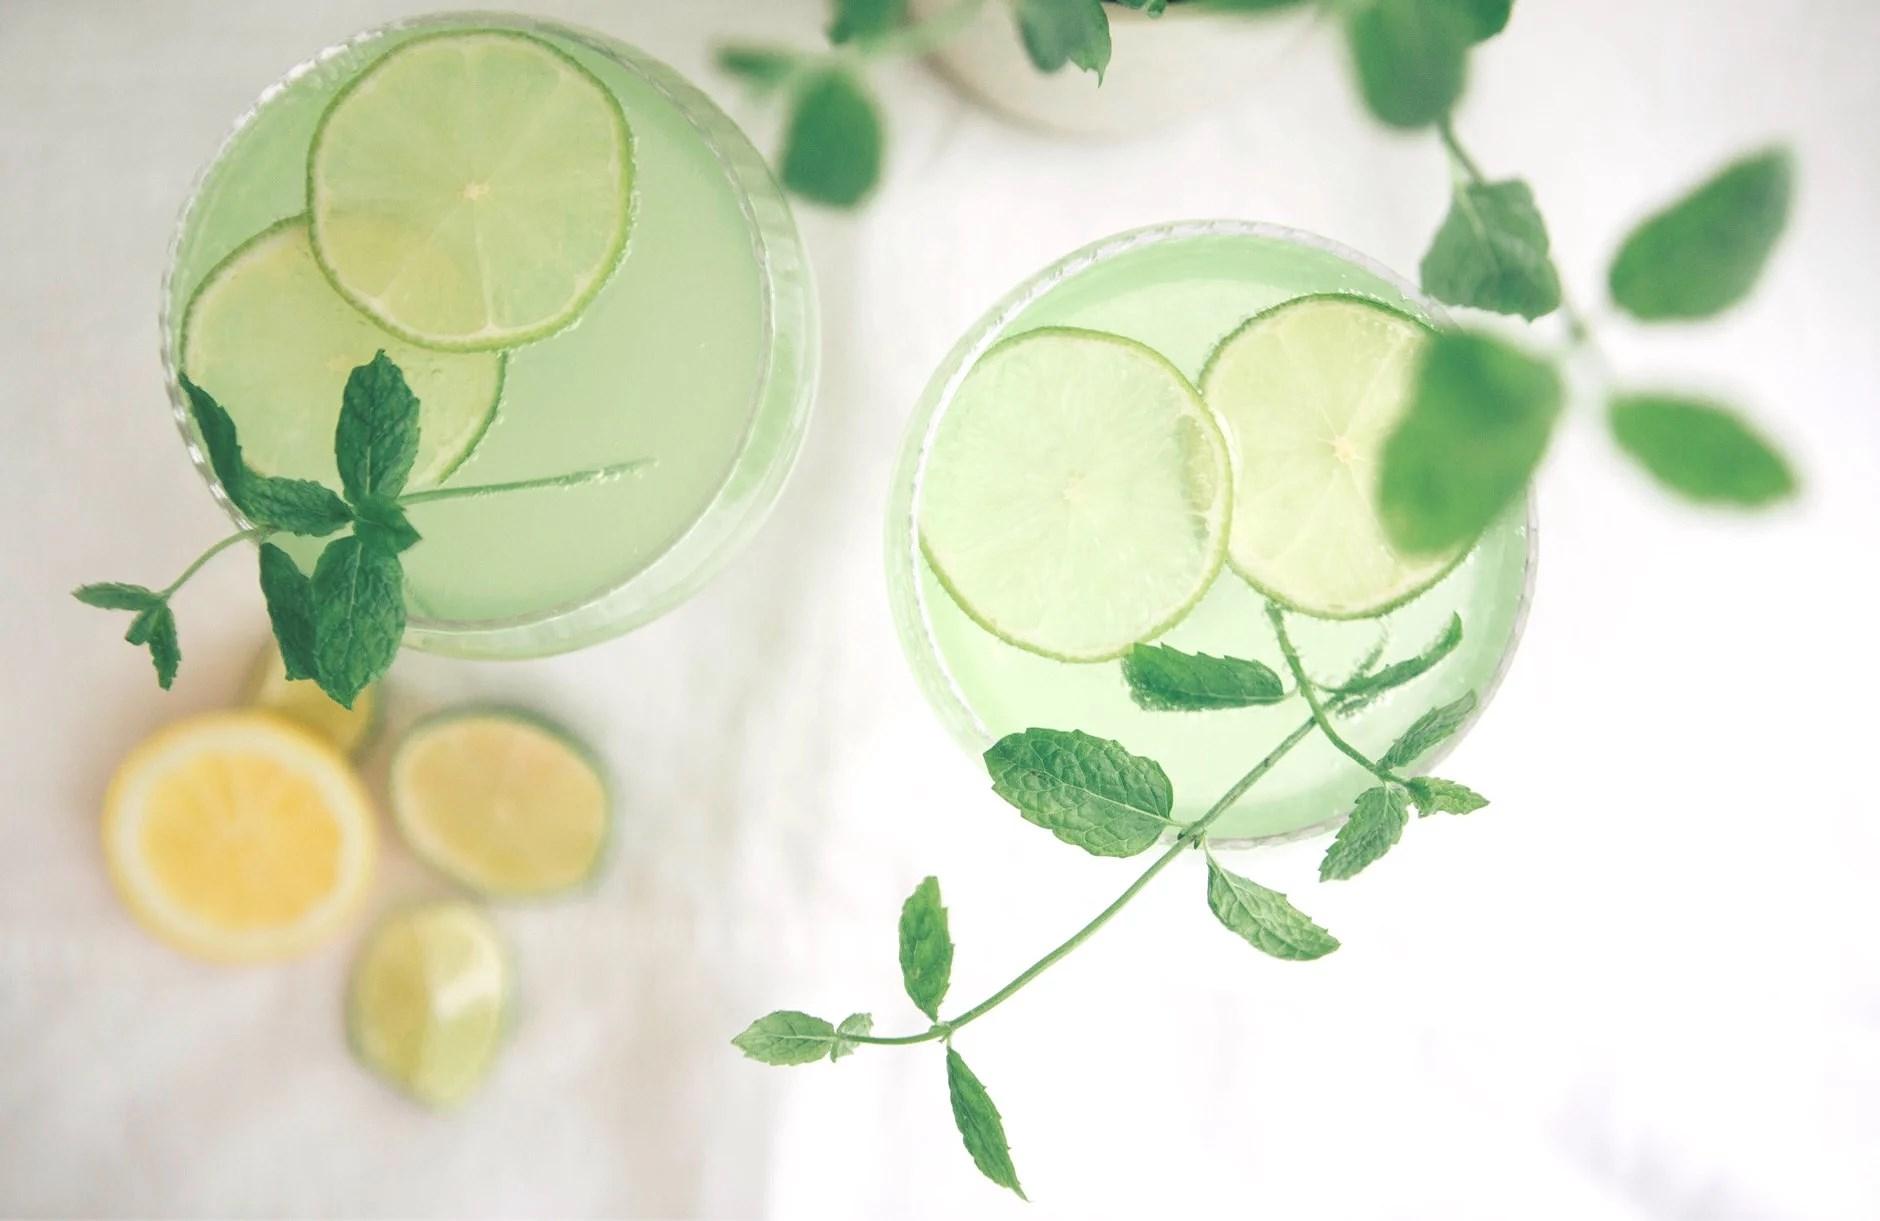 DRINKRECEPT - ÄPPEL MOJITO